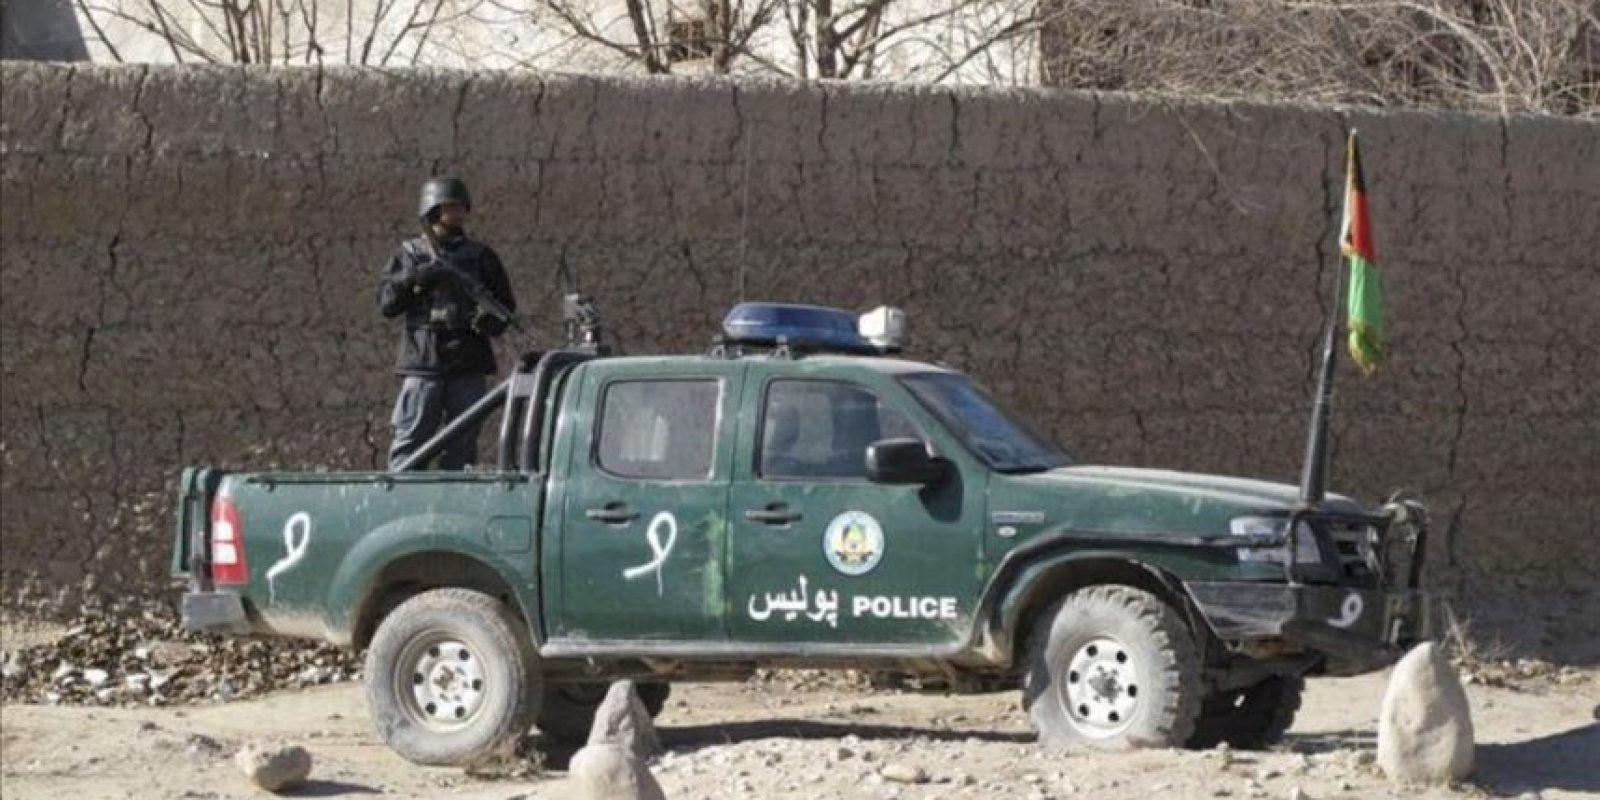 Oficiales de seguridad afganos en el lugar de la explosión de una bomba en un extremo de una carretera que causó la muerte de ocho civiles y varios heridos, en el distrito de Musa Qala, en la provincia de Helmand, Afganistán, hoy martes 19 de junio de 2012. EFE